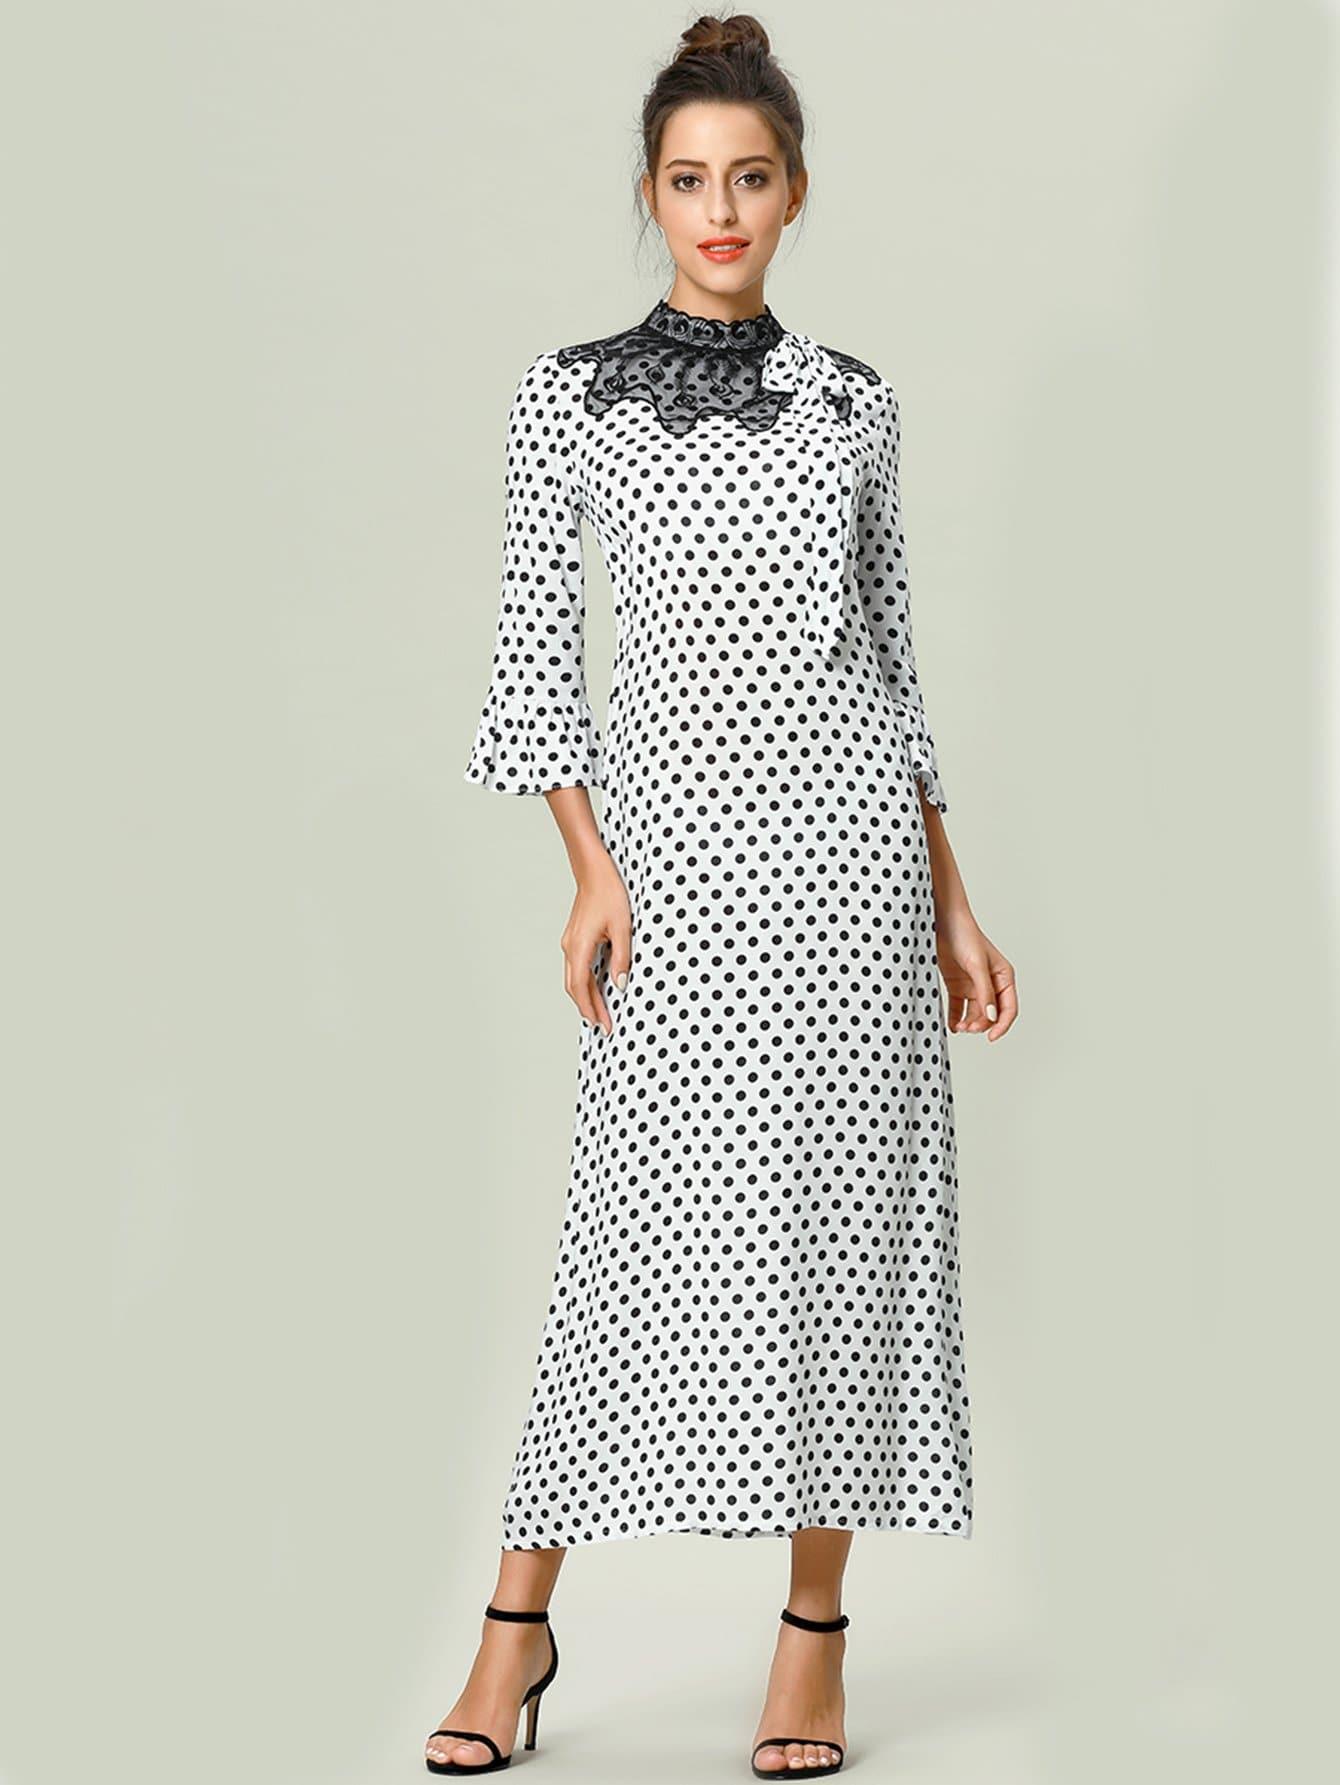 Купить Симметрическое кружевное платье с рисунками точк и с рукавами клеш, null, SheIn